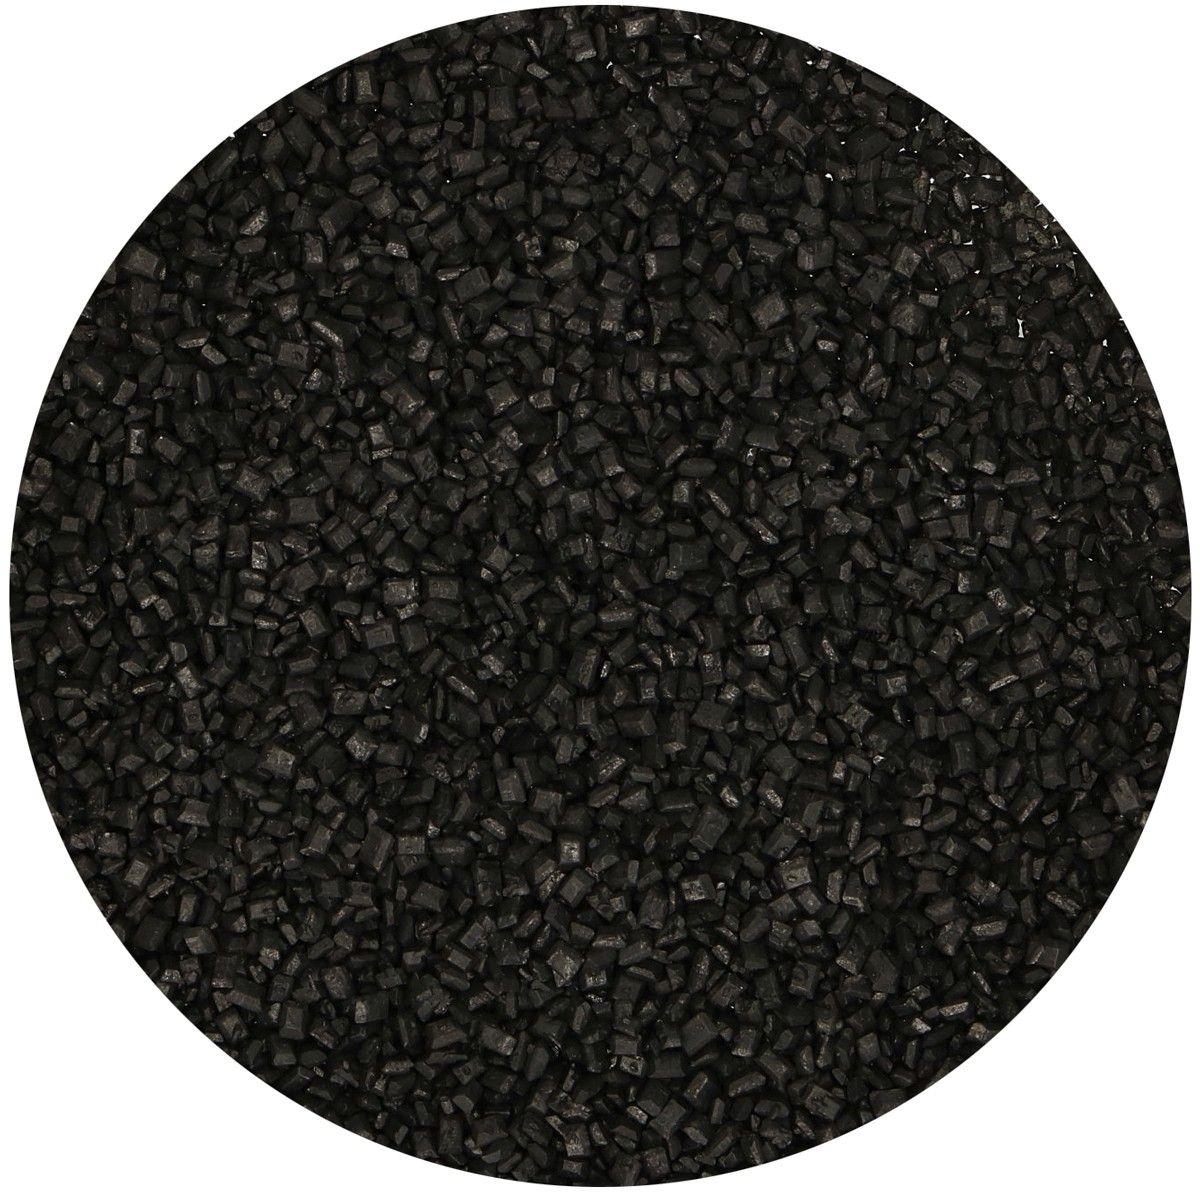 Kristallzucker schwarz